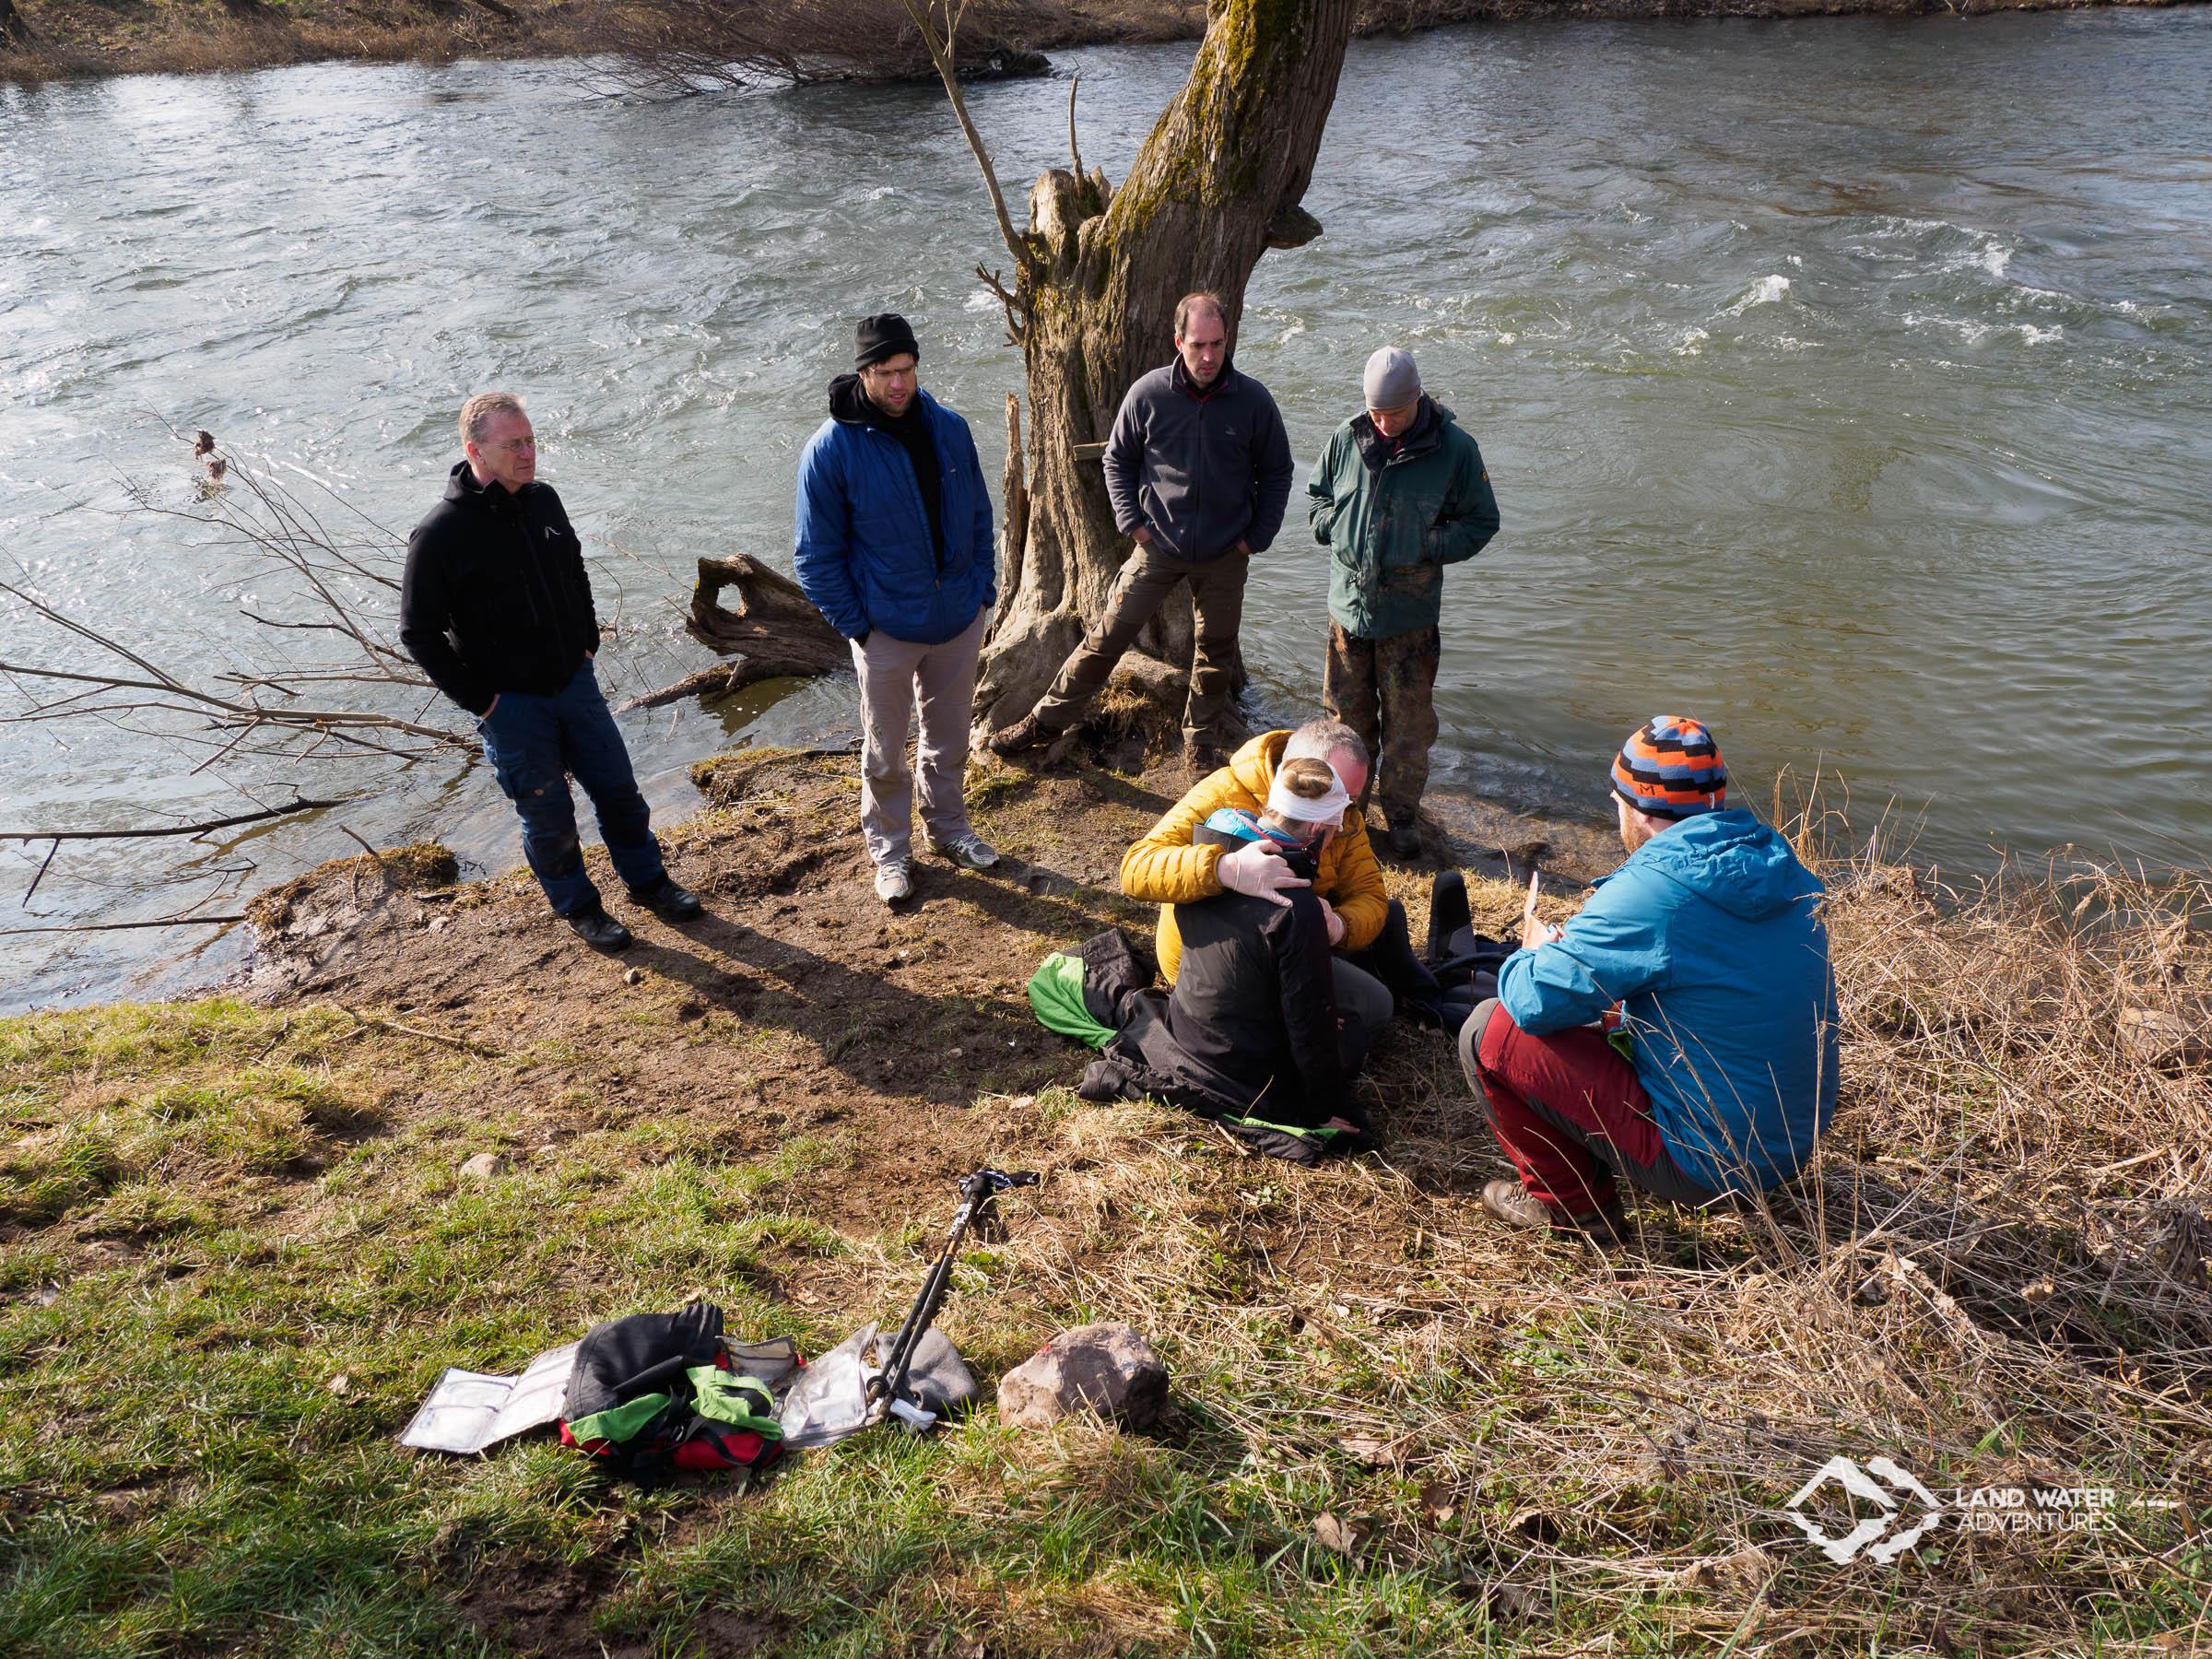 Rettungsübung am Ufer der Nahe © Land Water Adventures